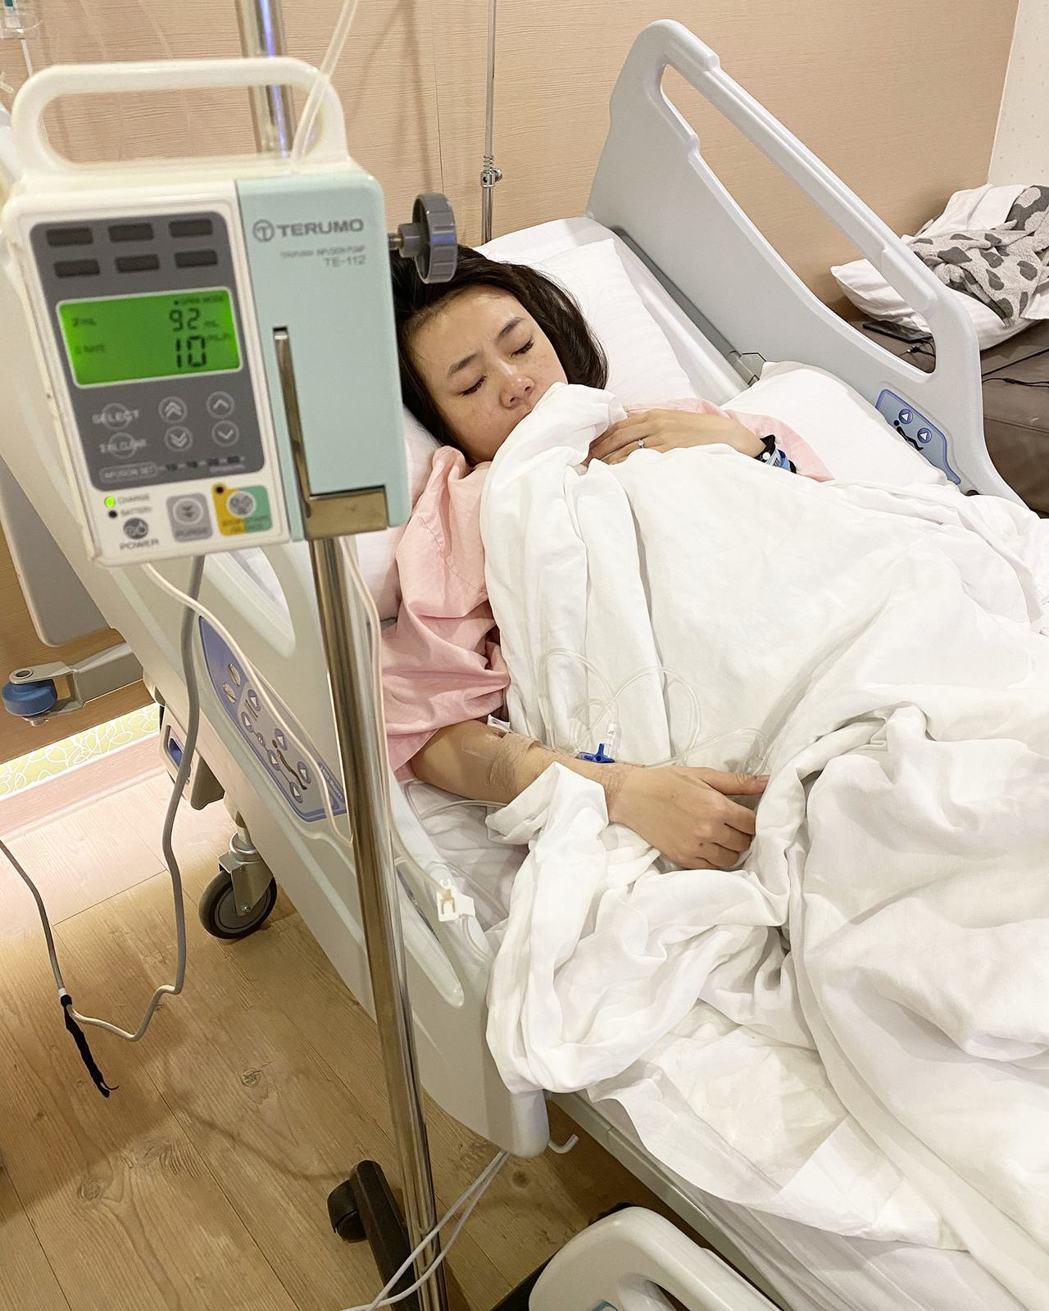 二伯目前在醫院安胎休養中。 圖/擷自二伯臉書